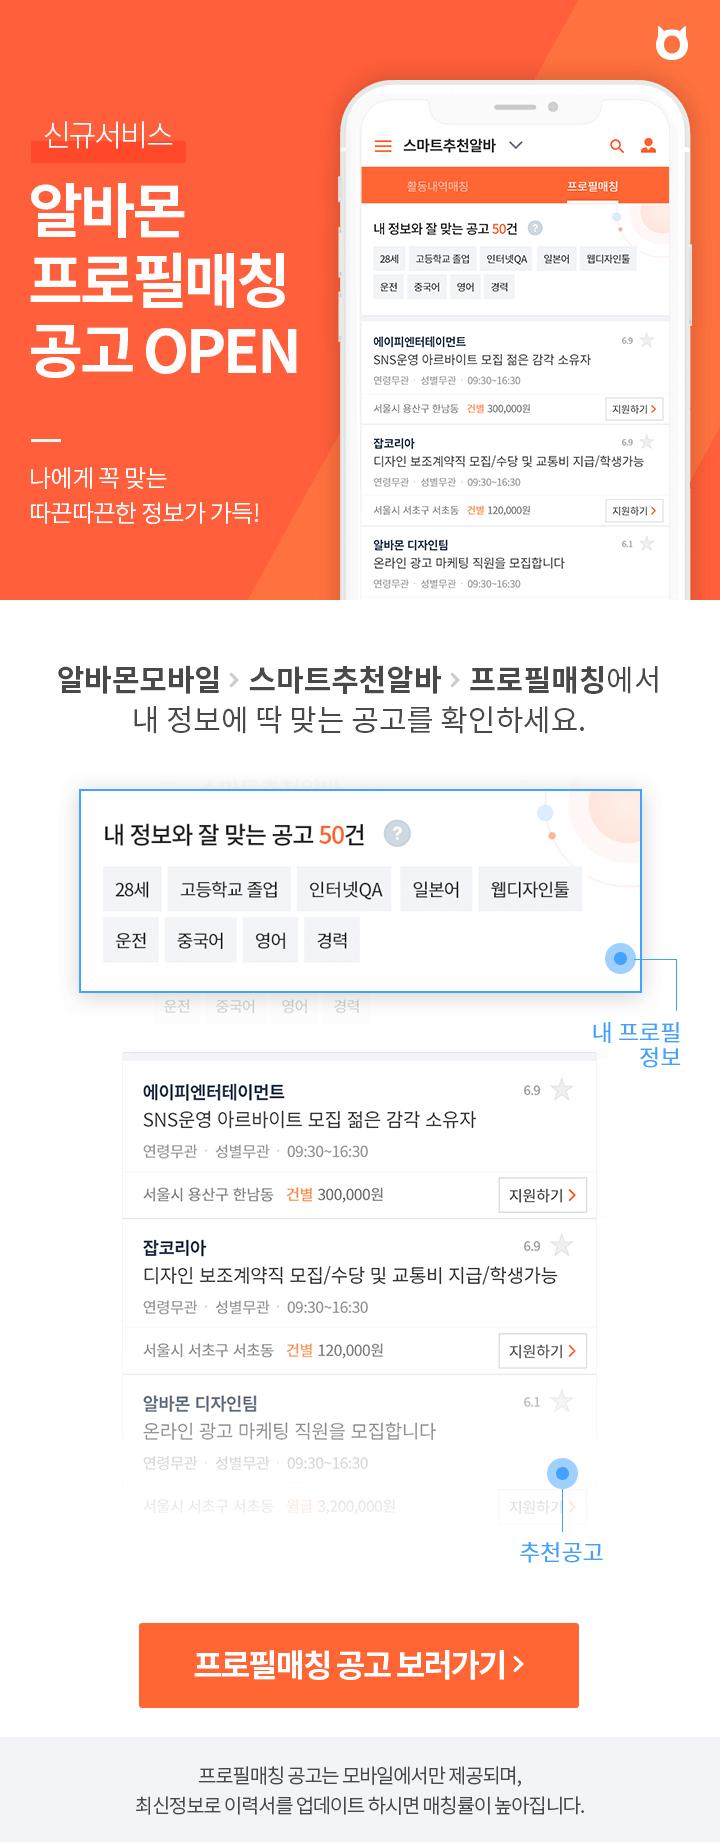 알바몬 모바일 프로필매칭 공고 추천 오픈!